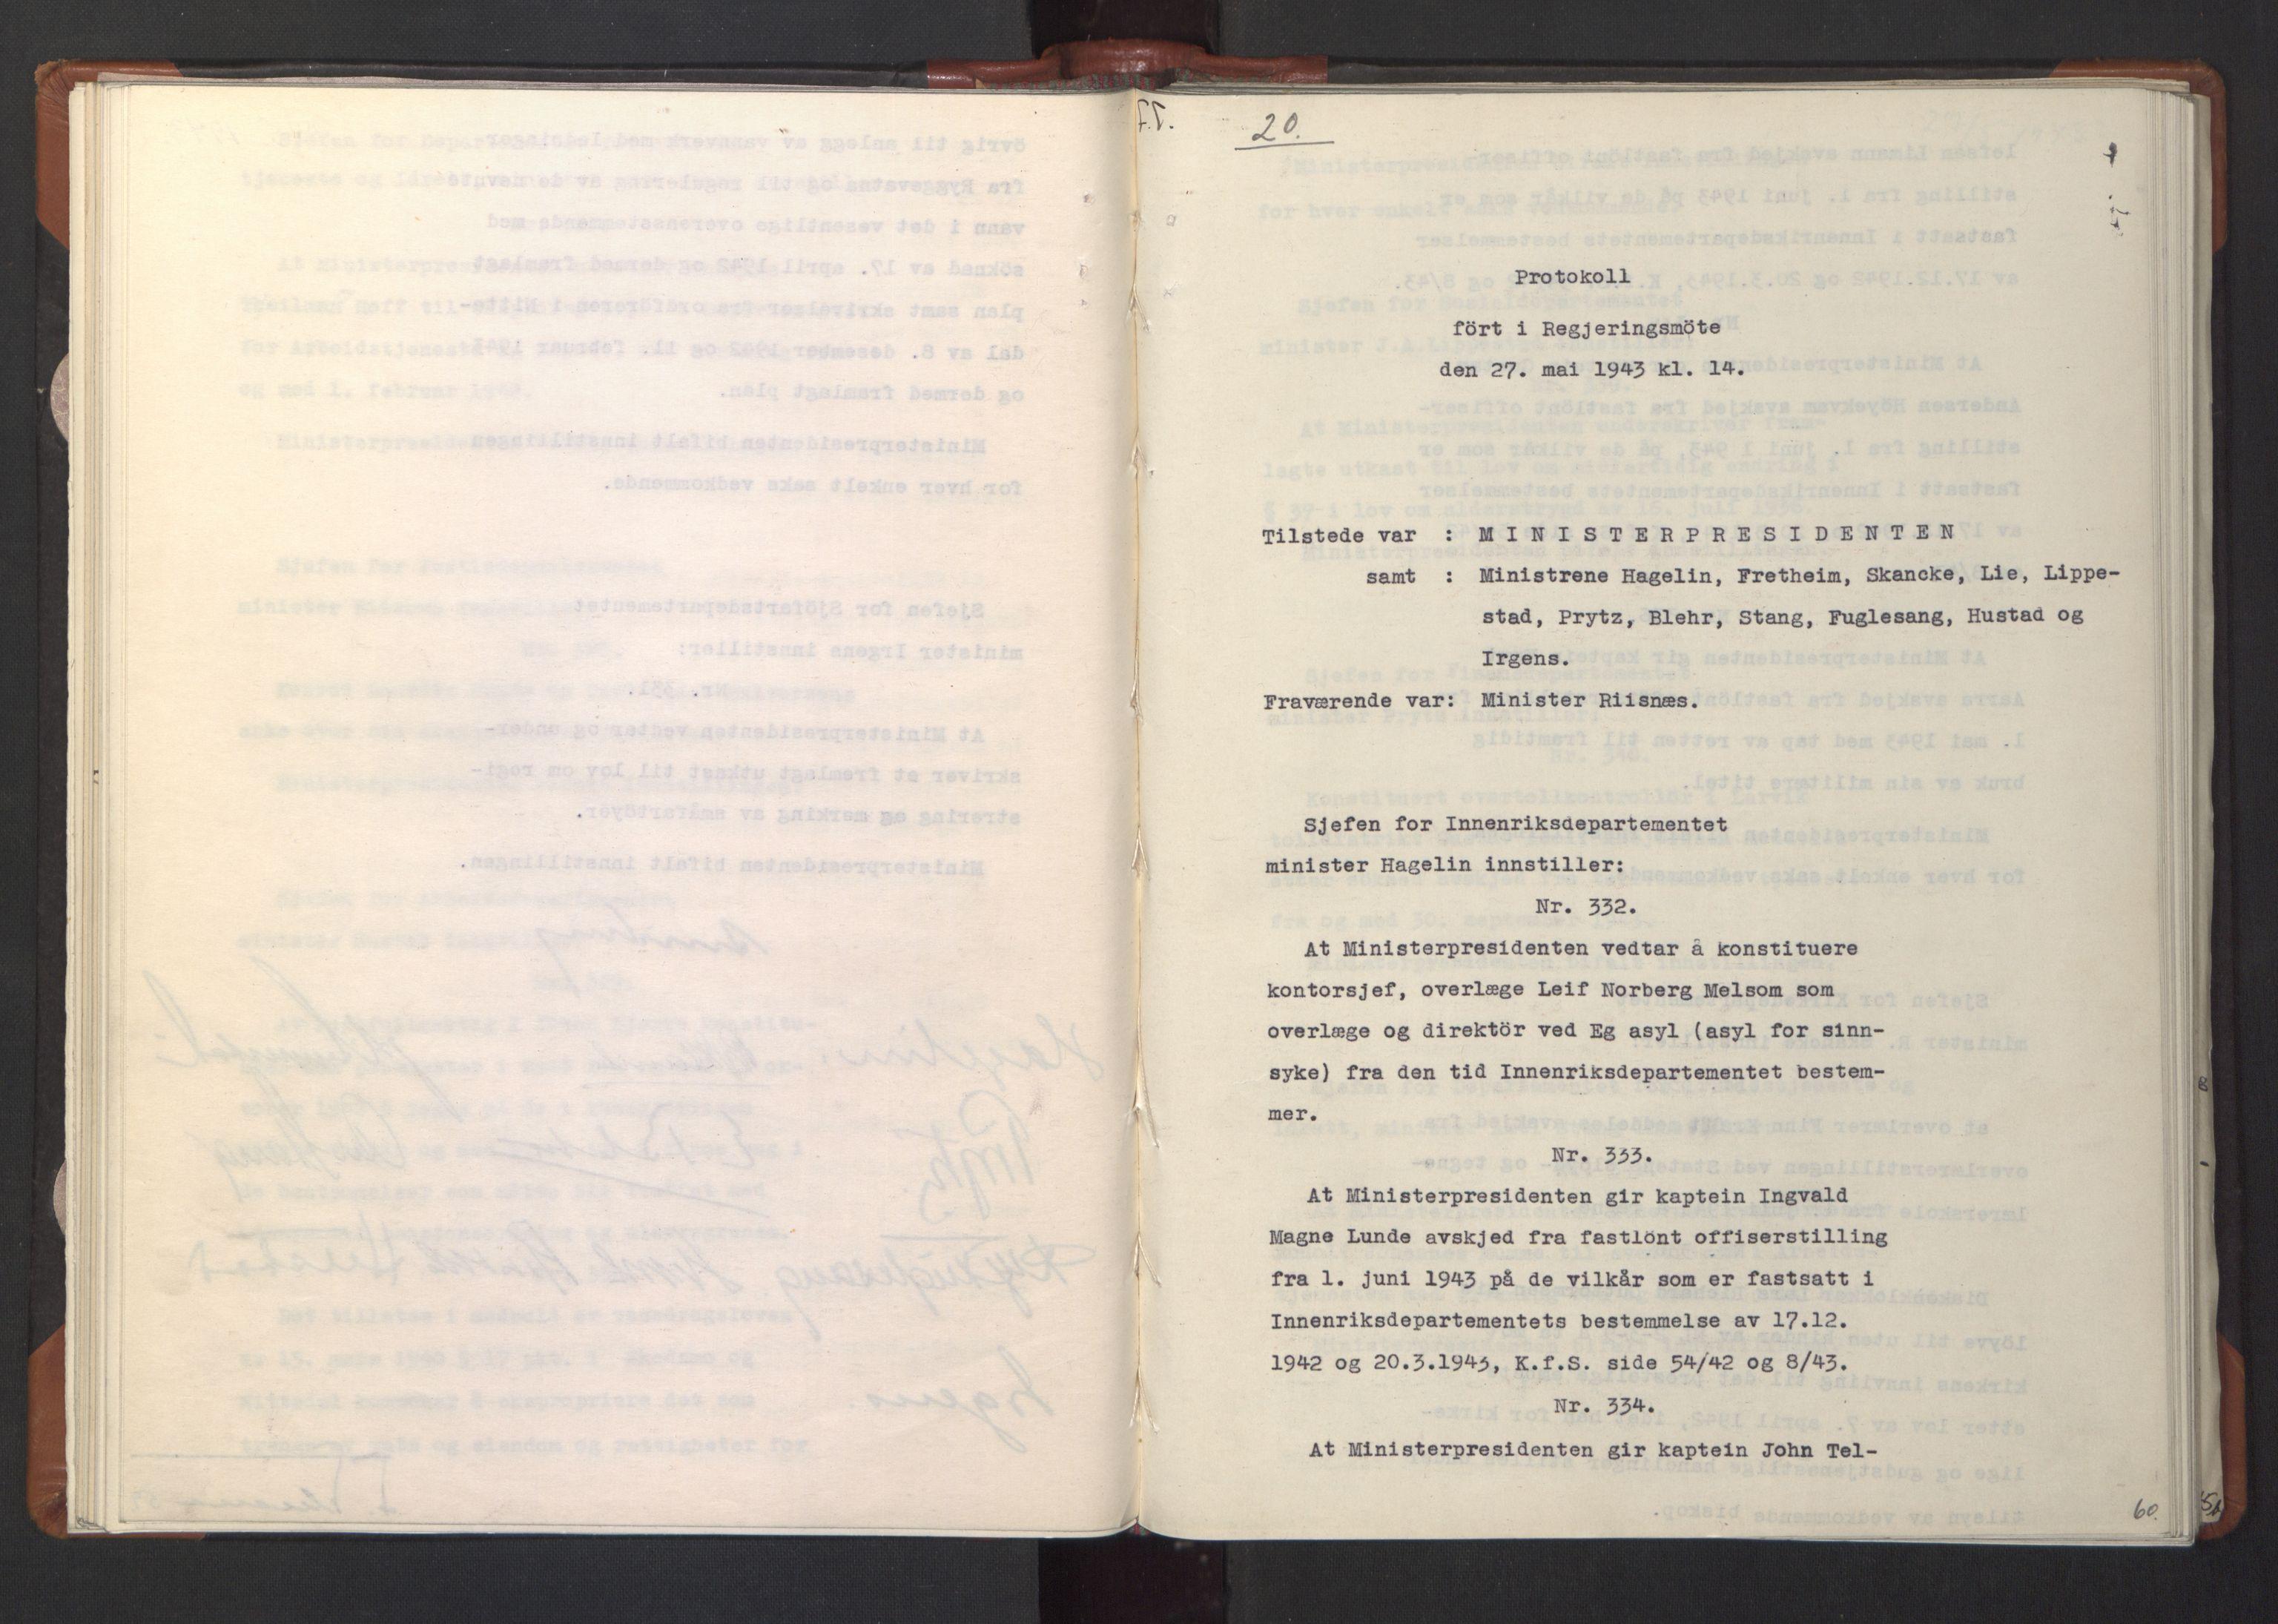 RA, NS-administrasjonen 1940-1945 (Statsrådsekretariatet, de kommisariske statsråder mm), D/Da/L0003: Vedtak (Beslutninger) nr. 1-746 og tillegg nr. 1-47 (RA. j.nr. 1394/1944, tilgangsnr. 8/1944, 1943, s. 59b-60a